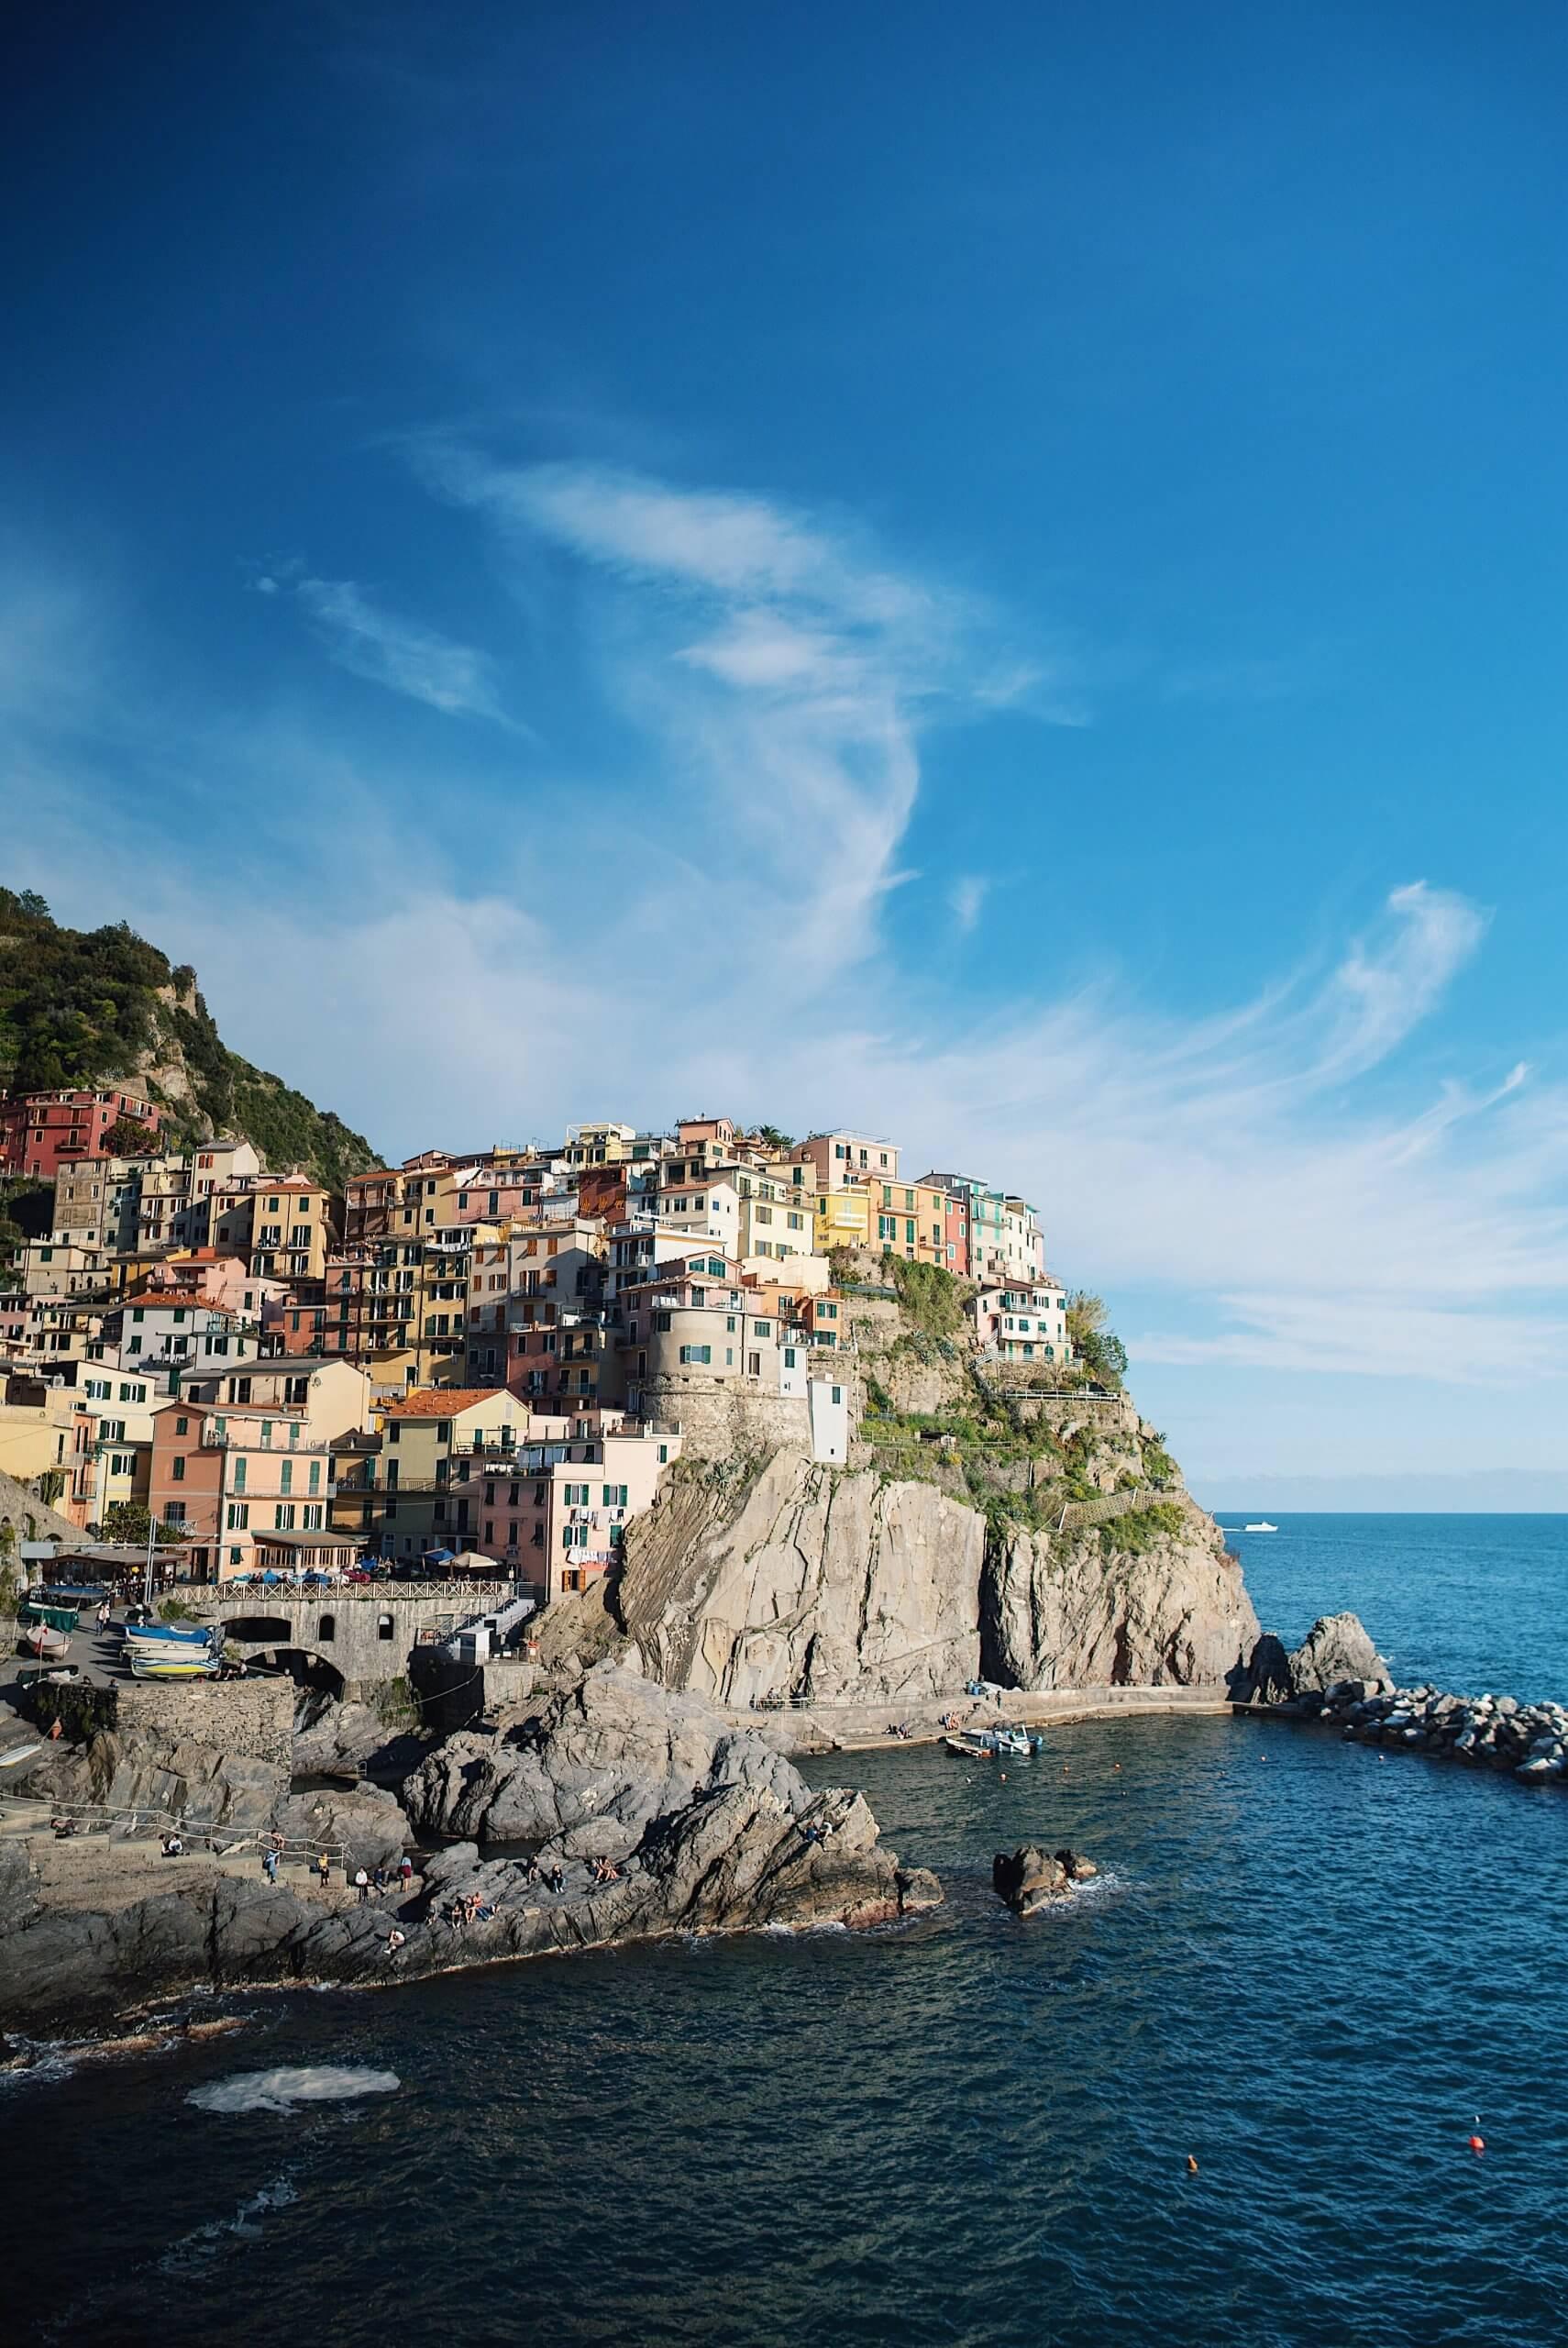 SEAstema Liguria: valorizzare le risorse e le buone pratiche locali